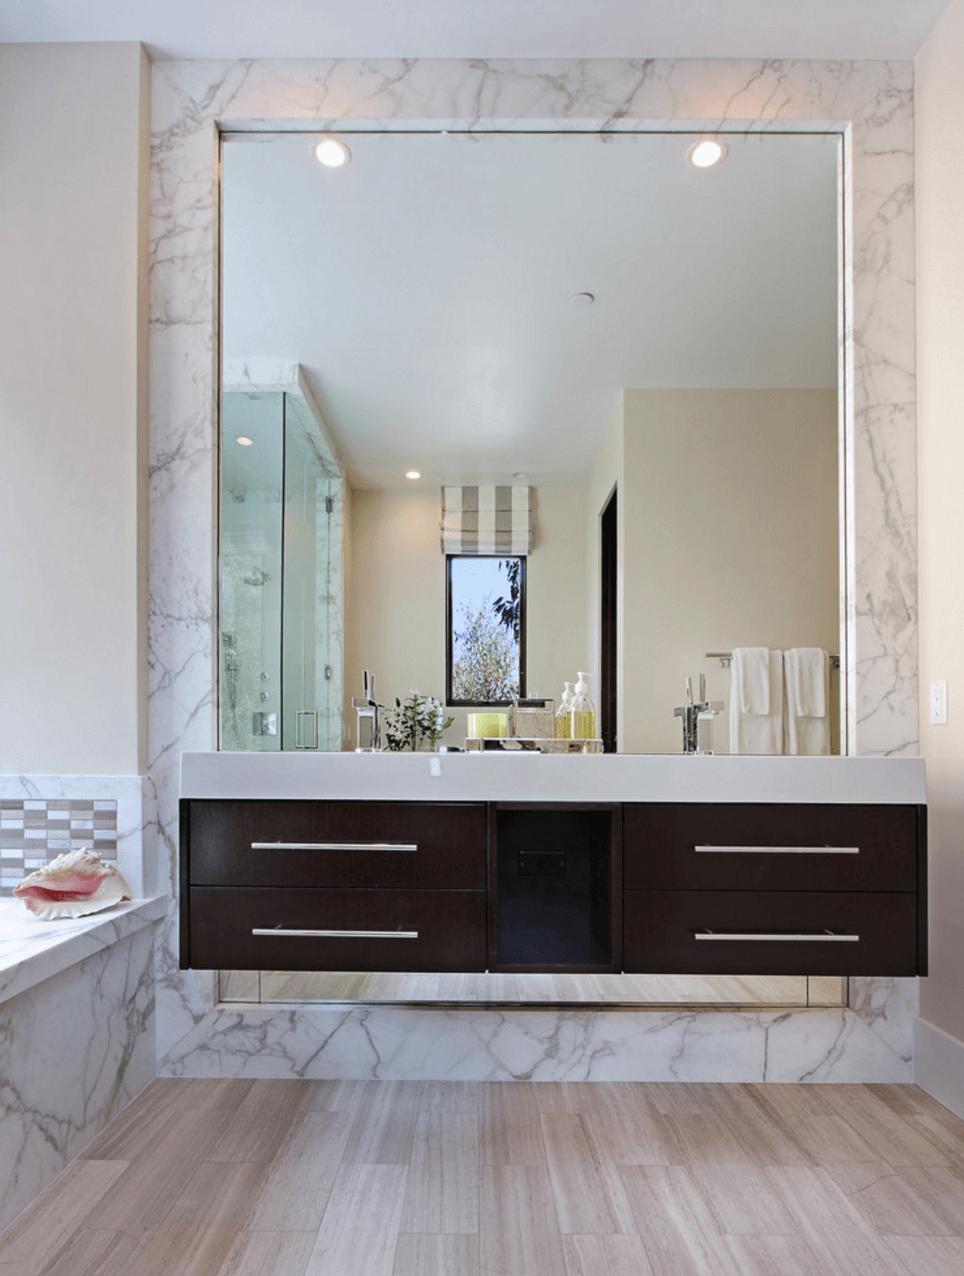 Оригинальный дизайн зеркала в интерьере ванной комнаты - Фото 2